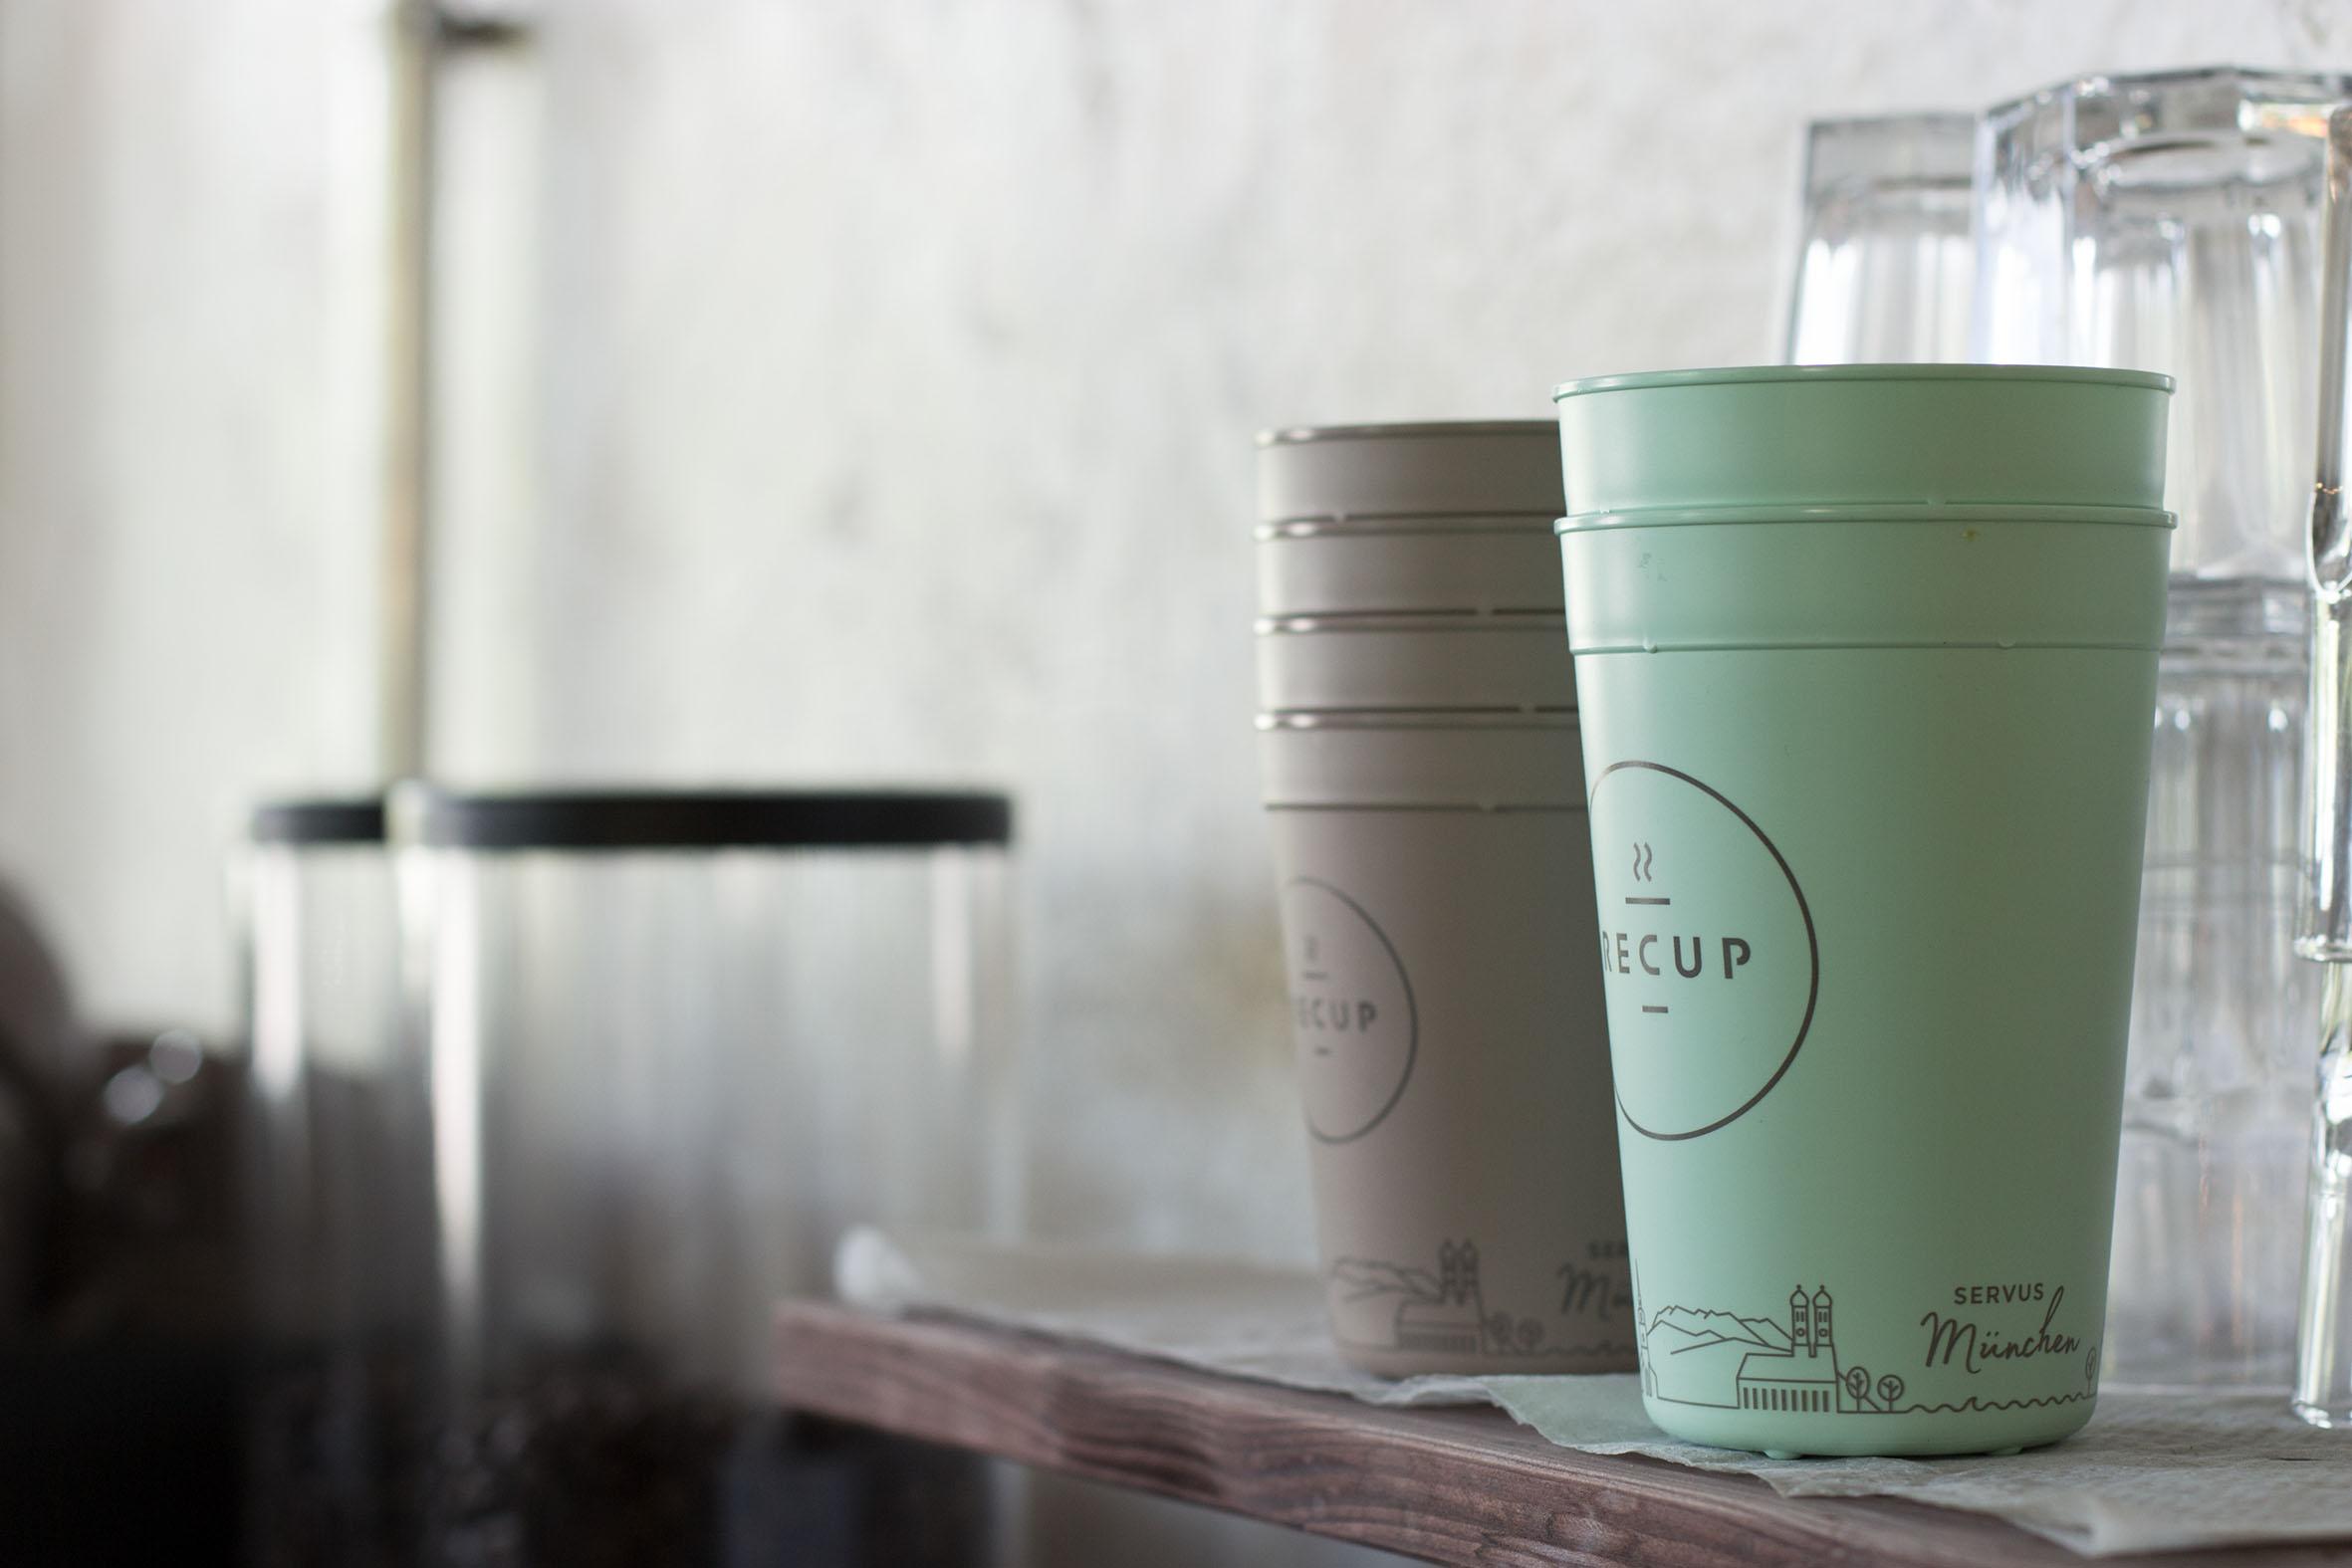 MÜNCHEN-RECUP  SERVUS München! Vom Olympiapark bis zur Frauenkirche kann man sich jetzt Kaffee im RECUP schmecken lassen.